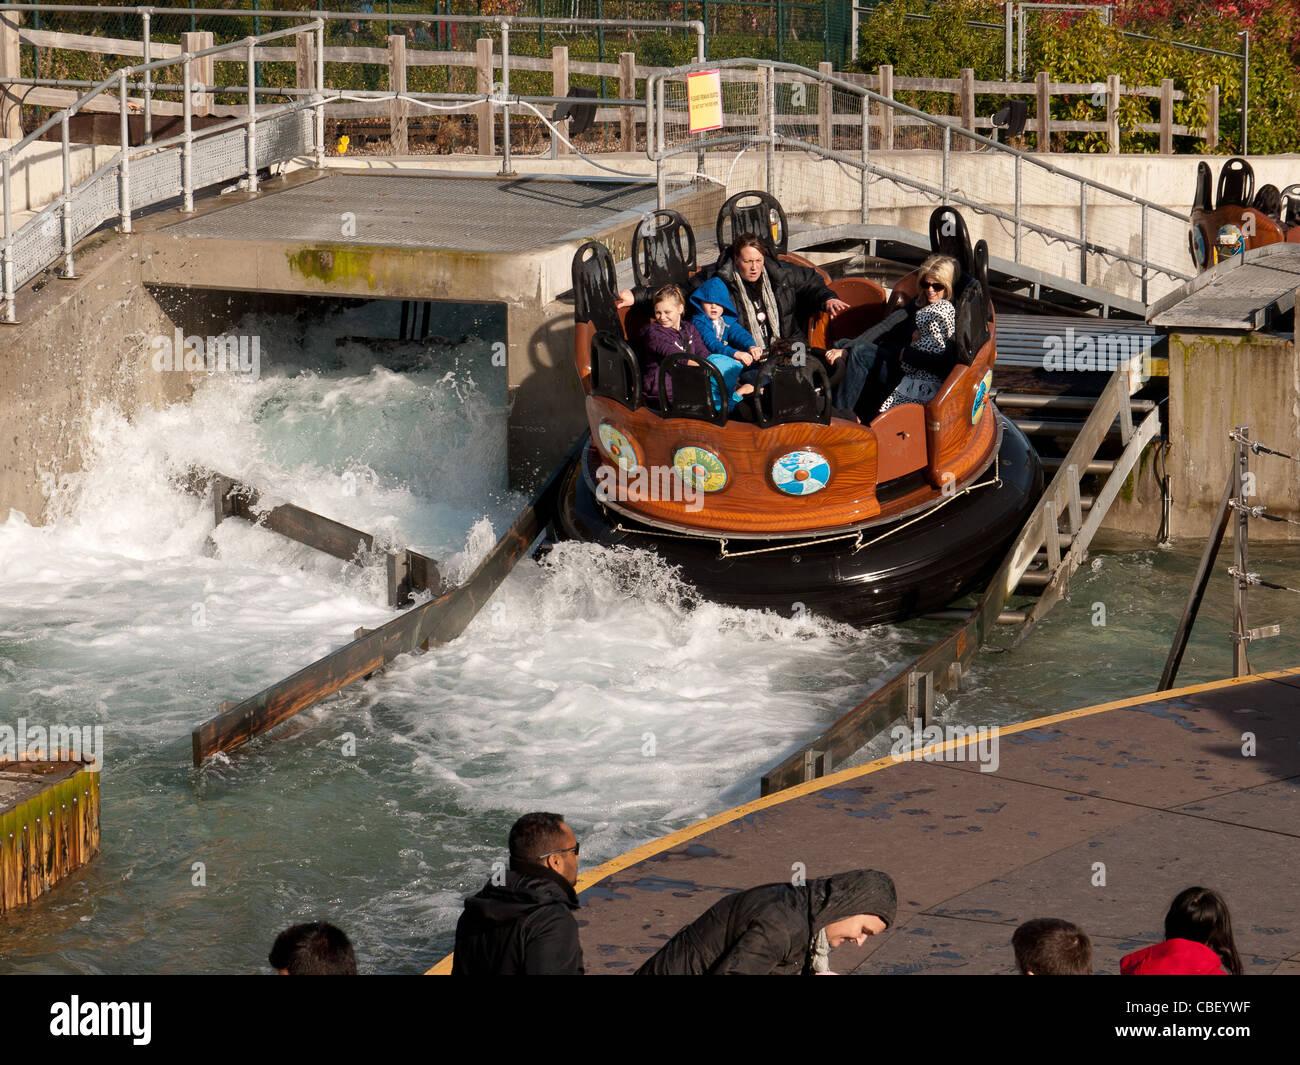 Visitors, in the river splash ride in Legoland, Berkshire, UK Stock Photo